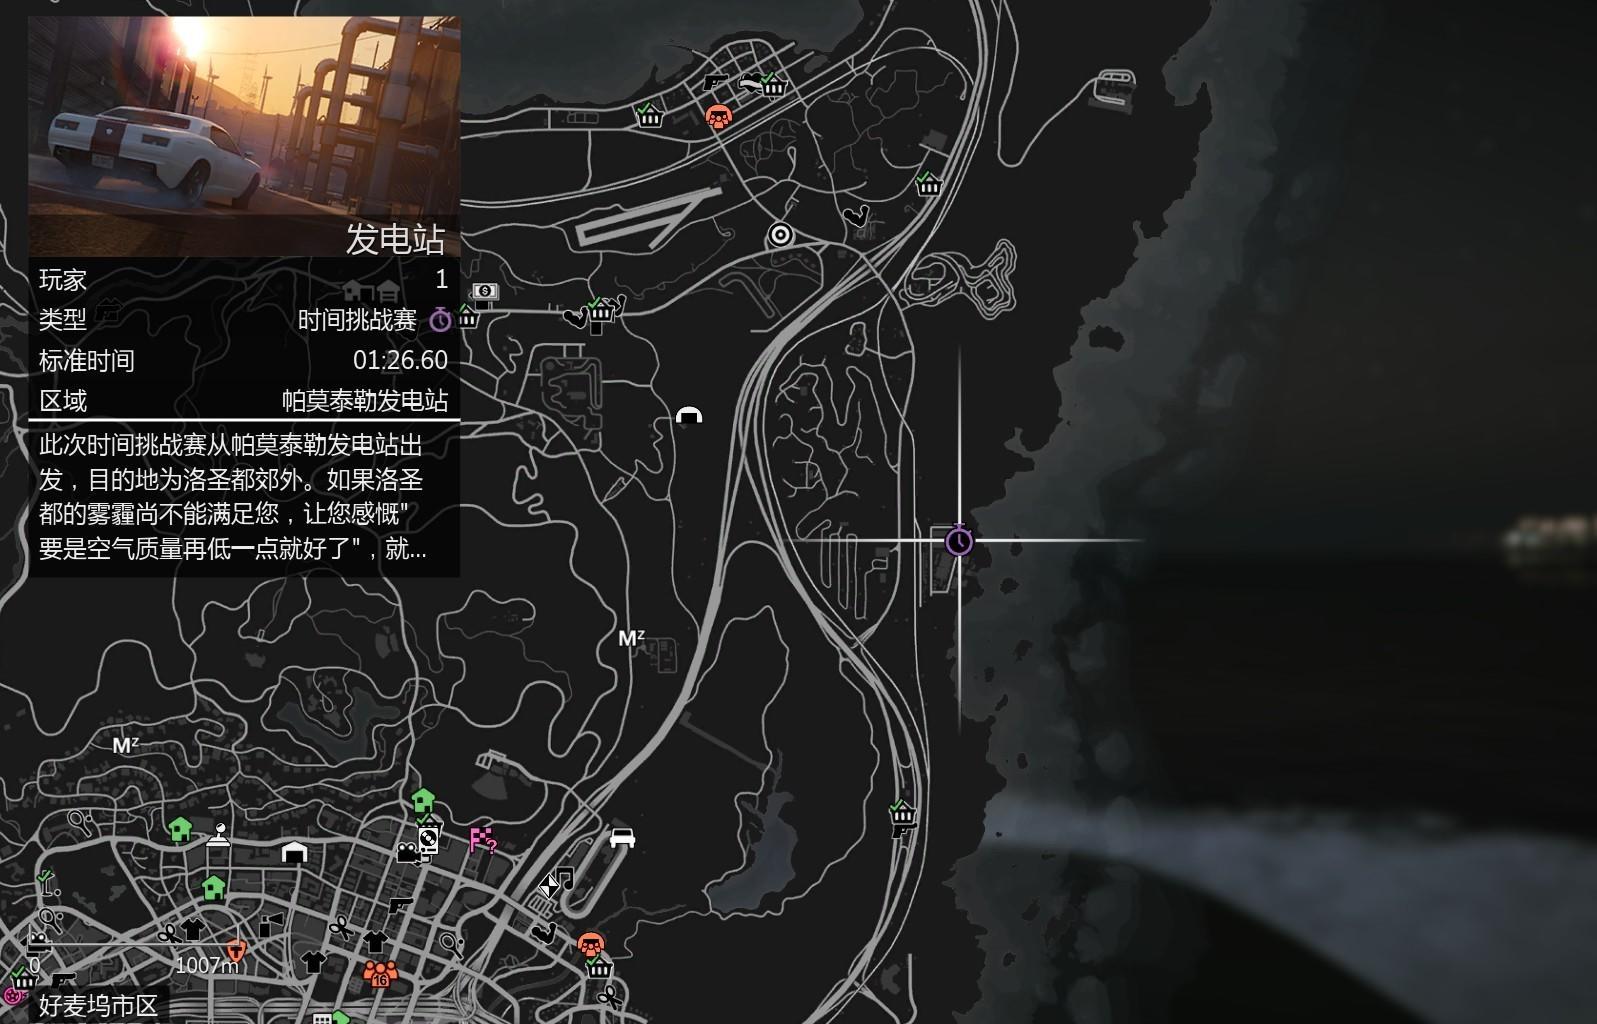 《洛城周报:万物复苏贺新春,欢天喜地中国年》插图9